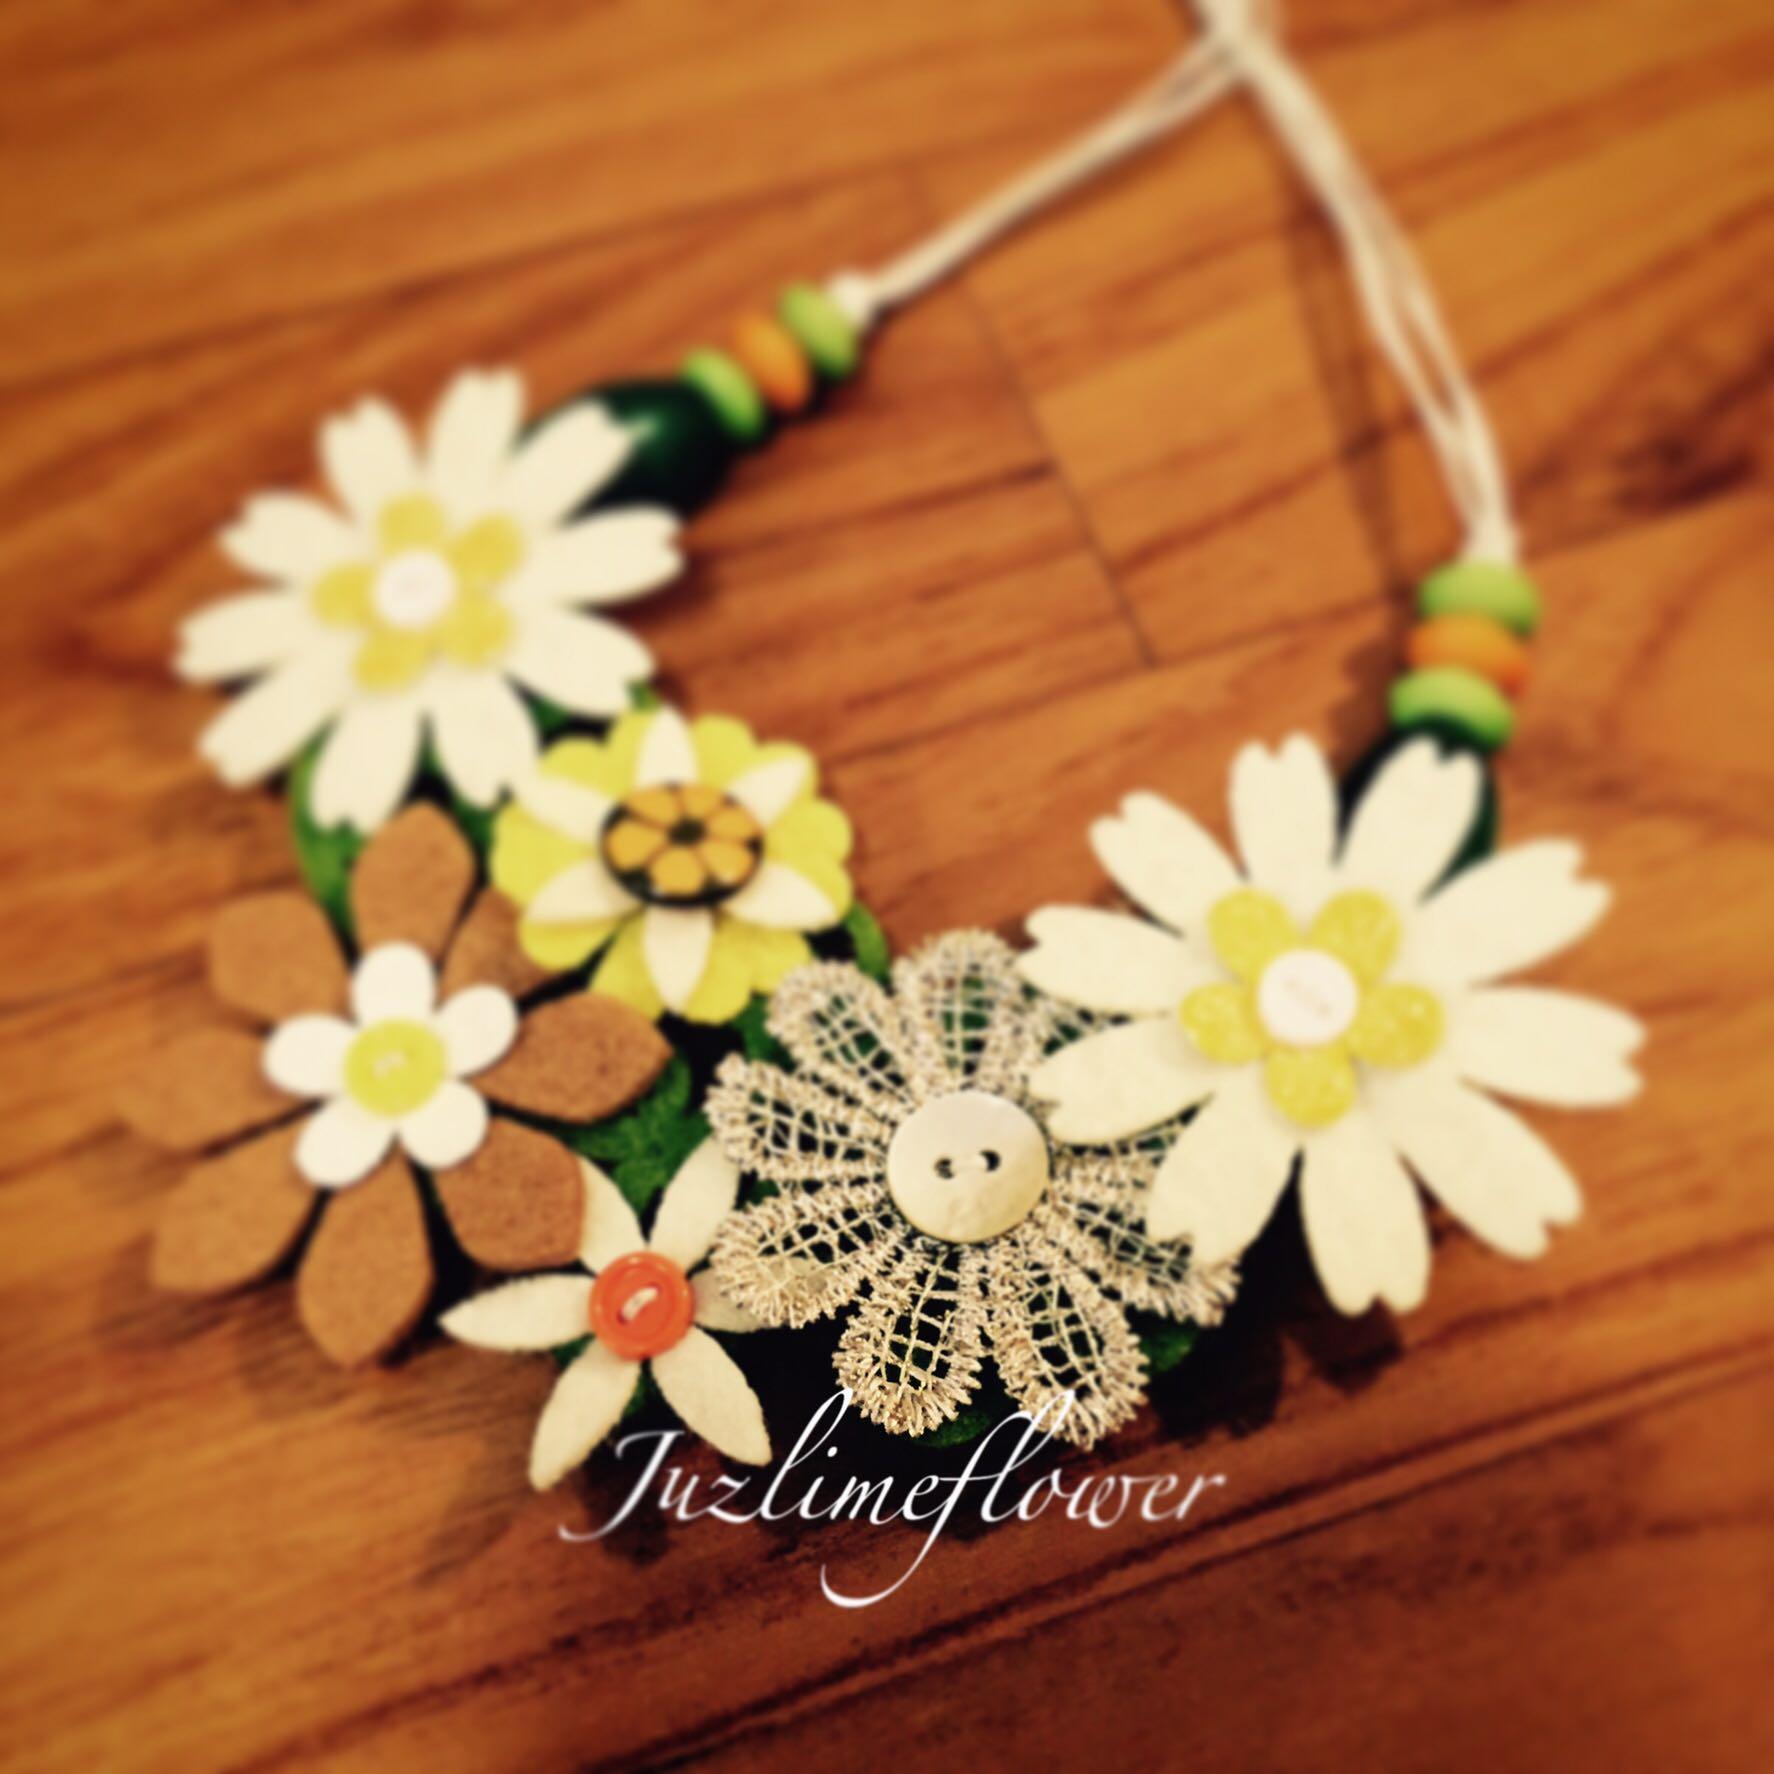 limeflower